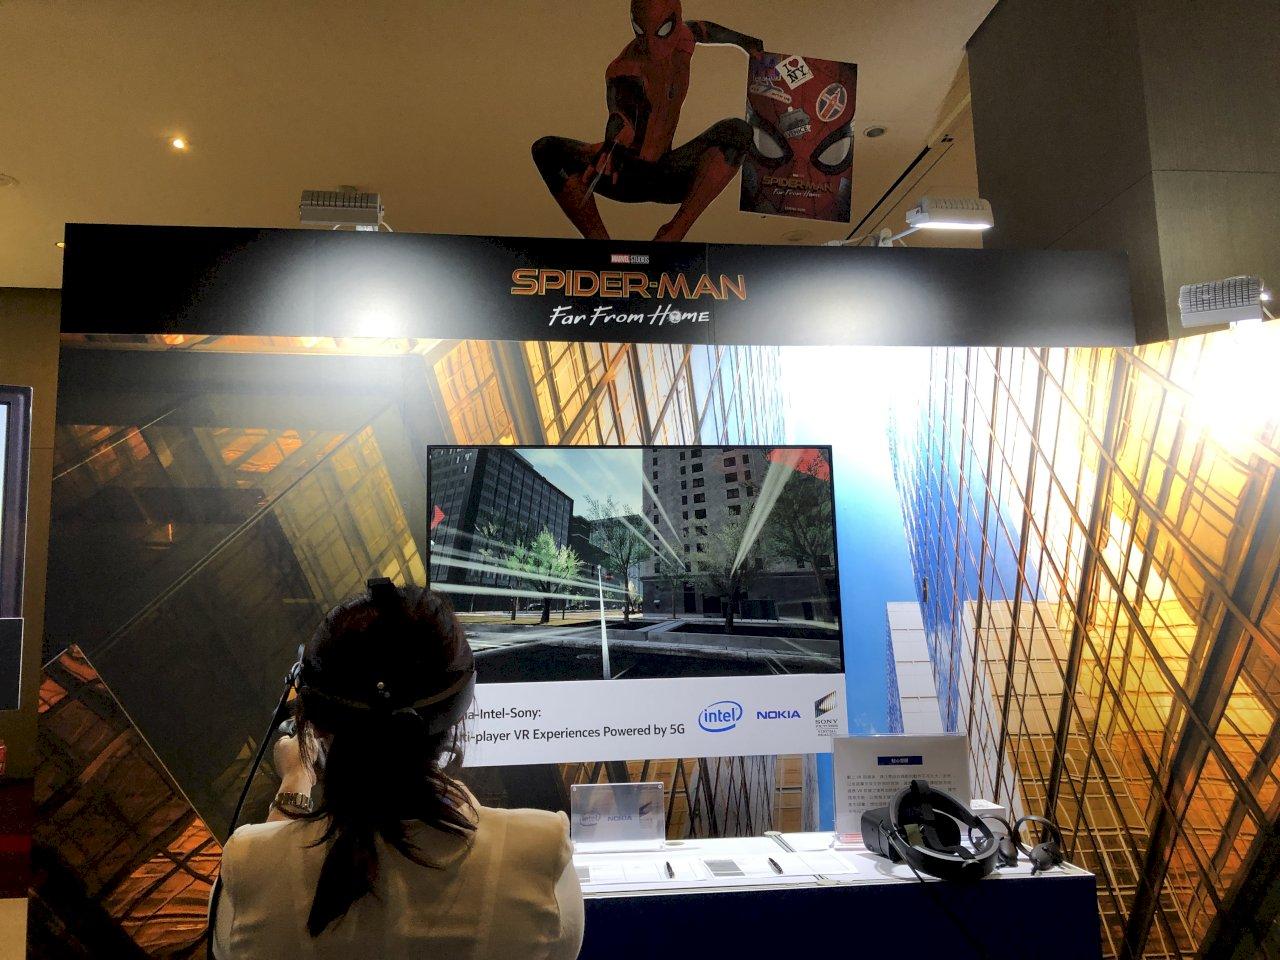 蜘蛛人遊戲不卡卡 諾基亞呈現5G環境下的VR體驗